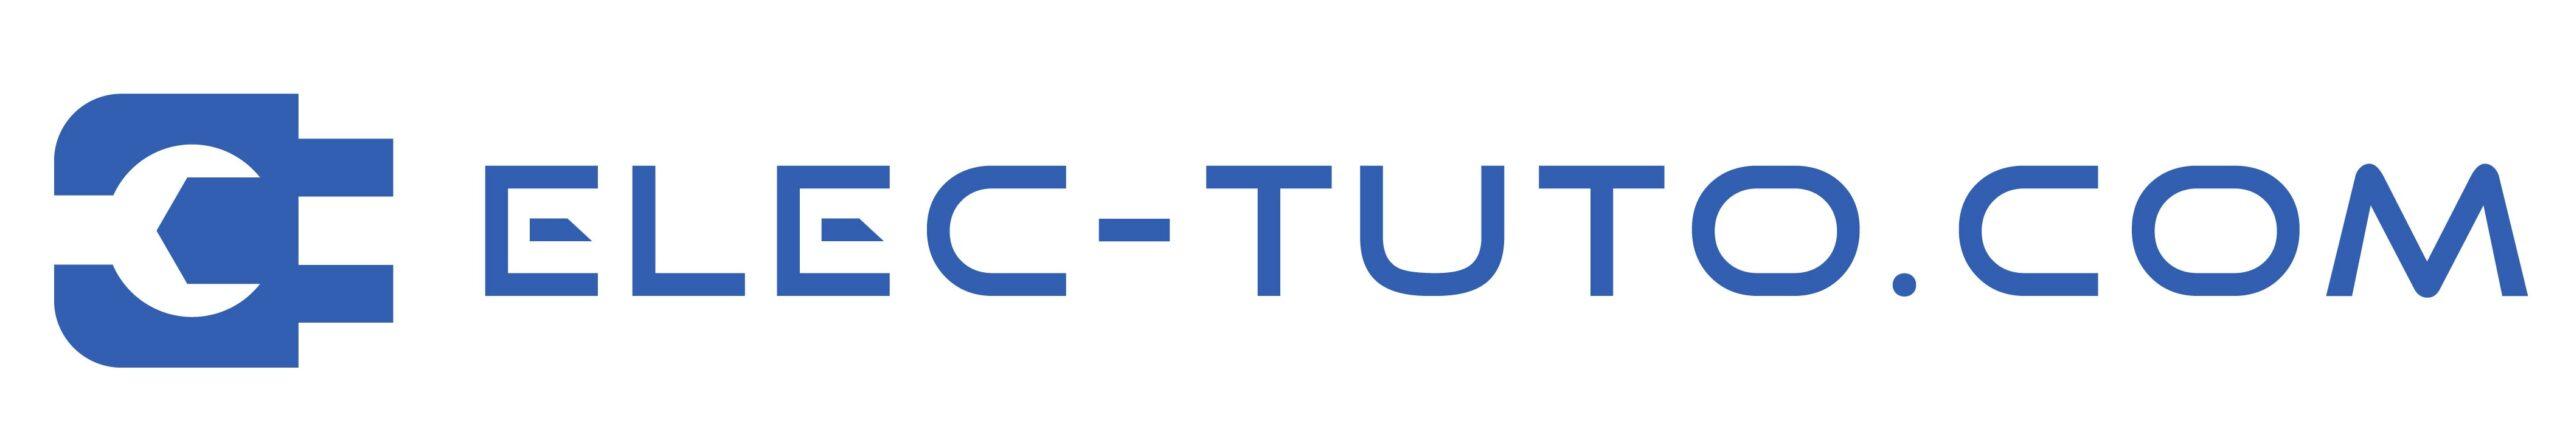 Elec-Tutos.com